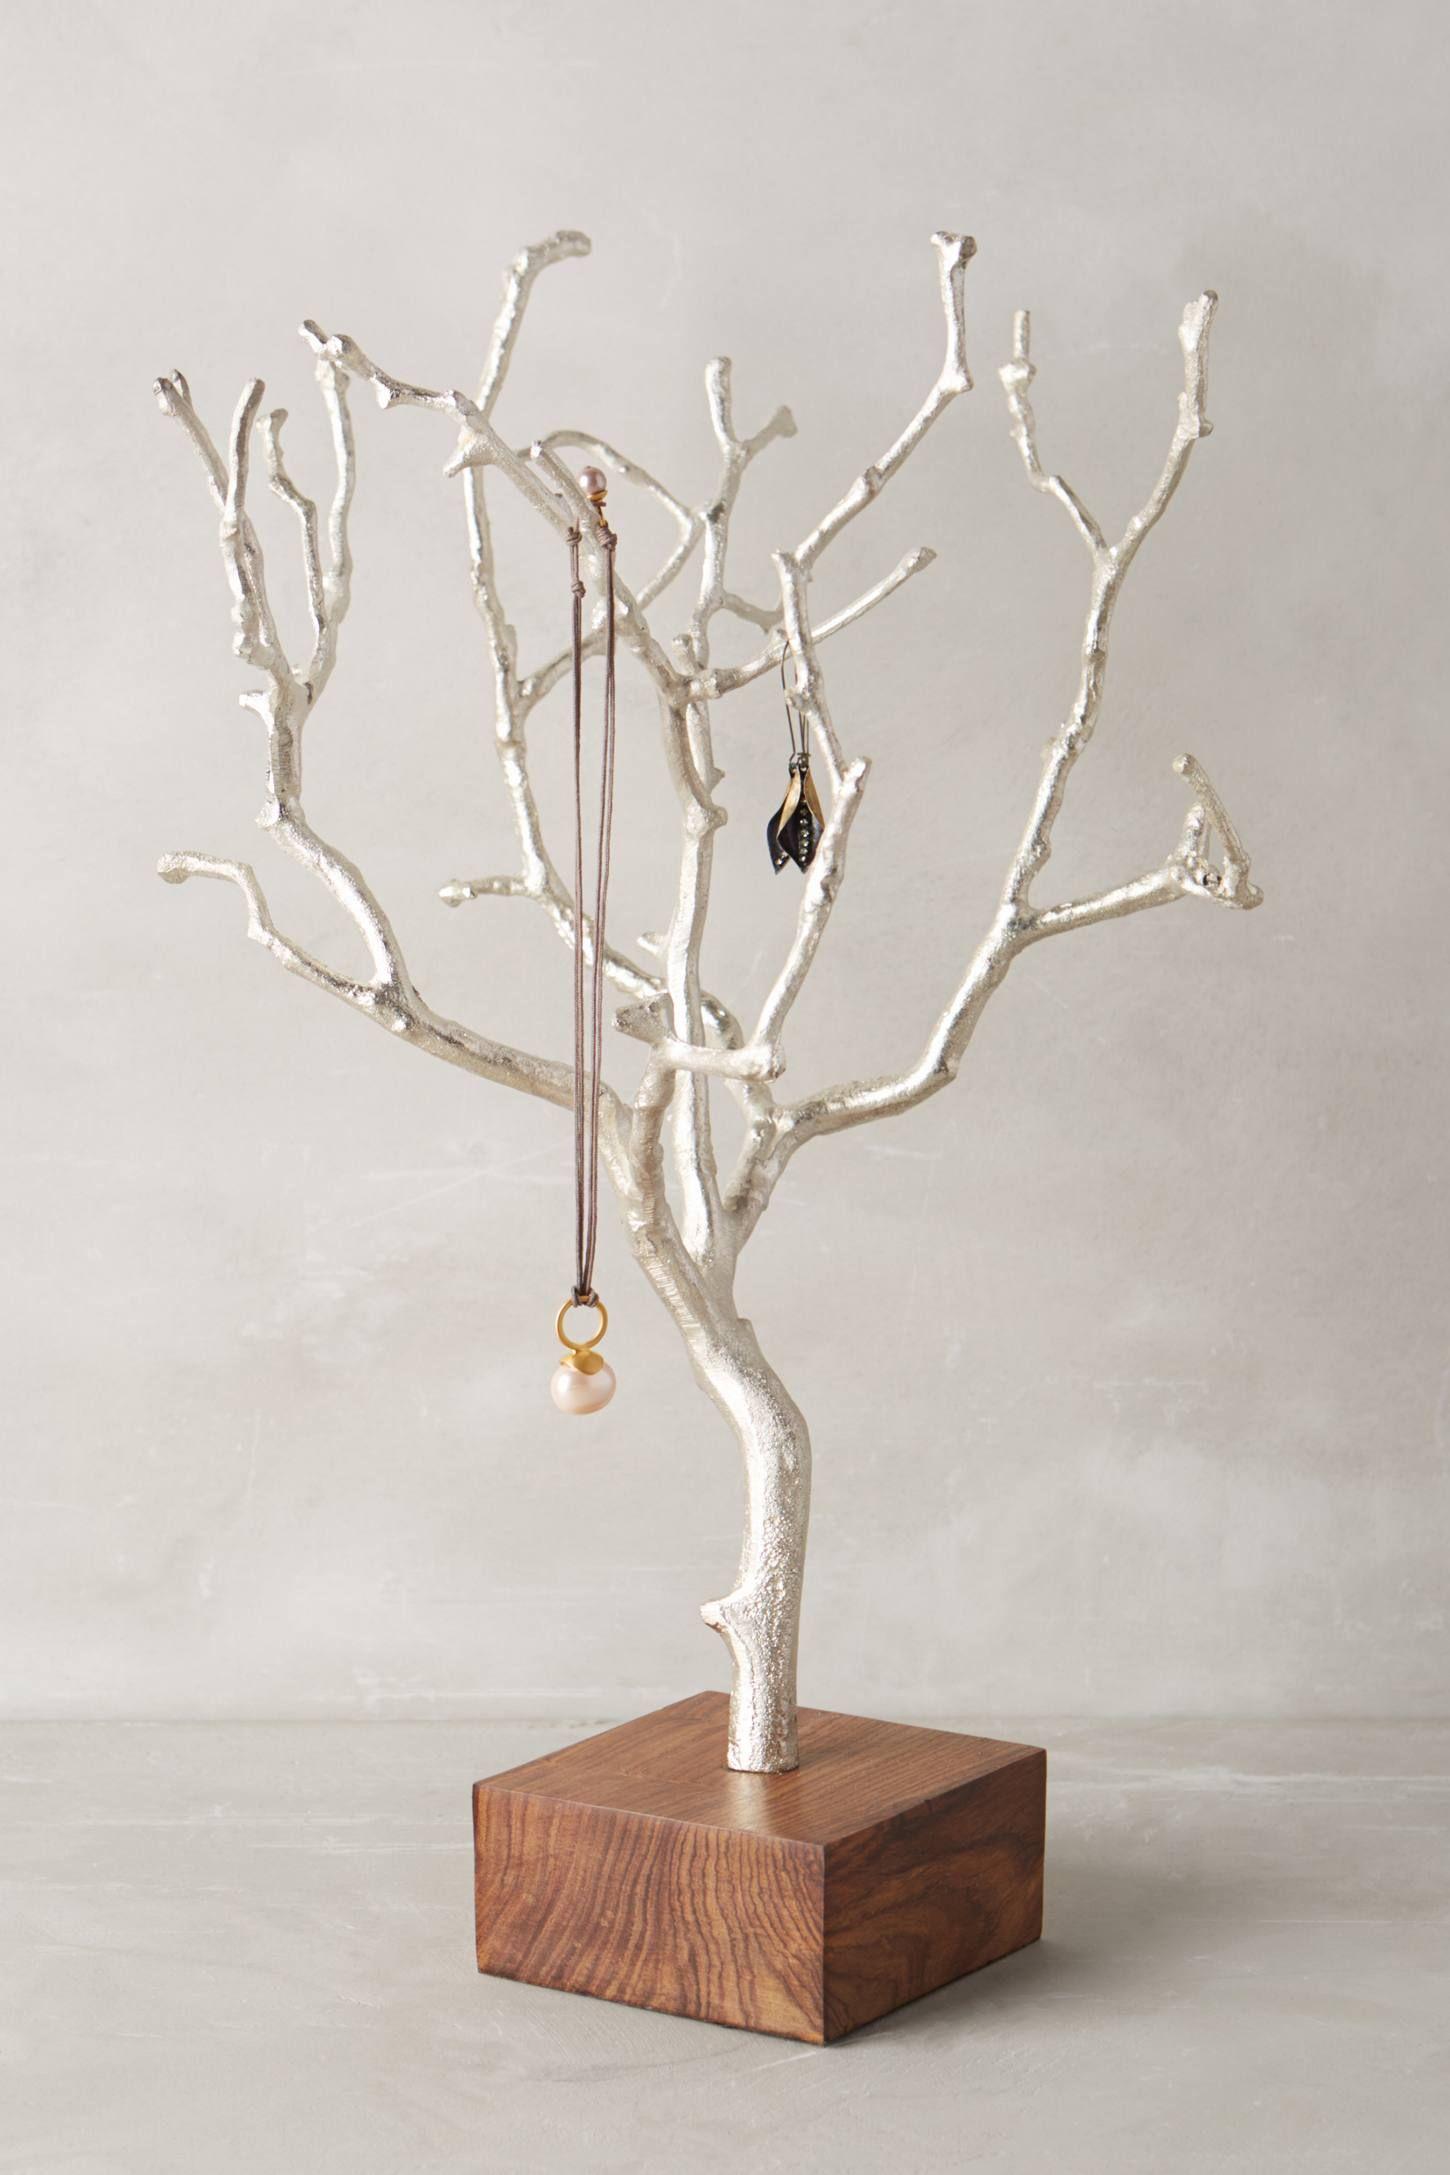 Jewellery Stand Designs : Manzanita jewelry stand ideas decoración de unas exhibición